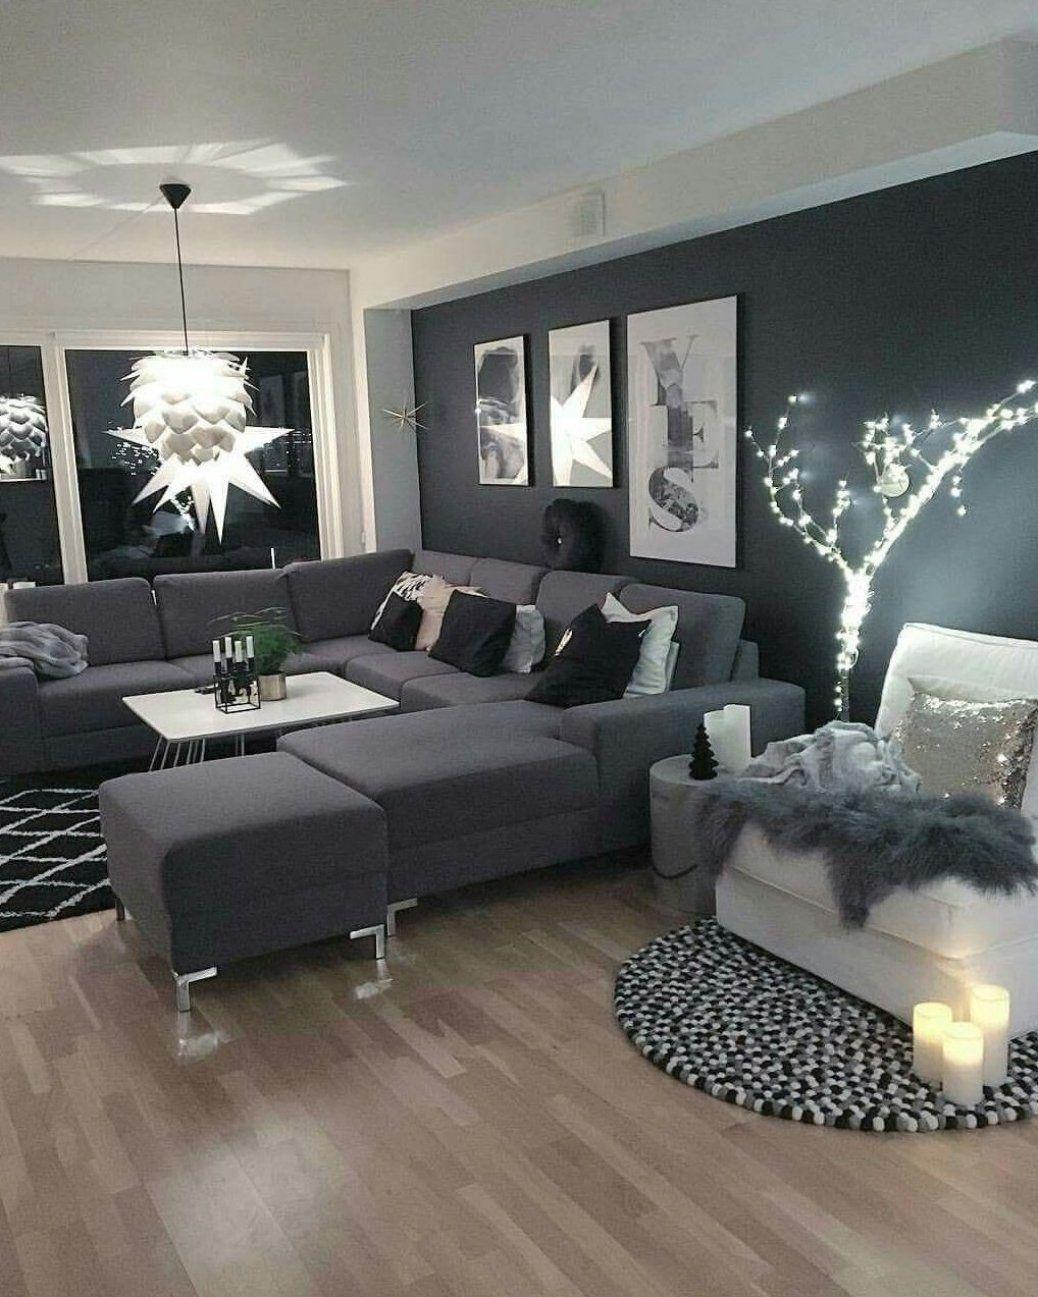 gray black white living room ideas #kitchenideas #homedecor in